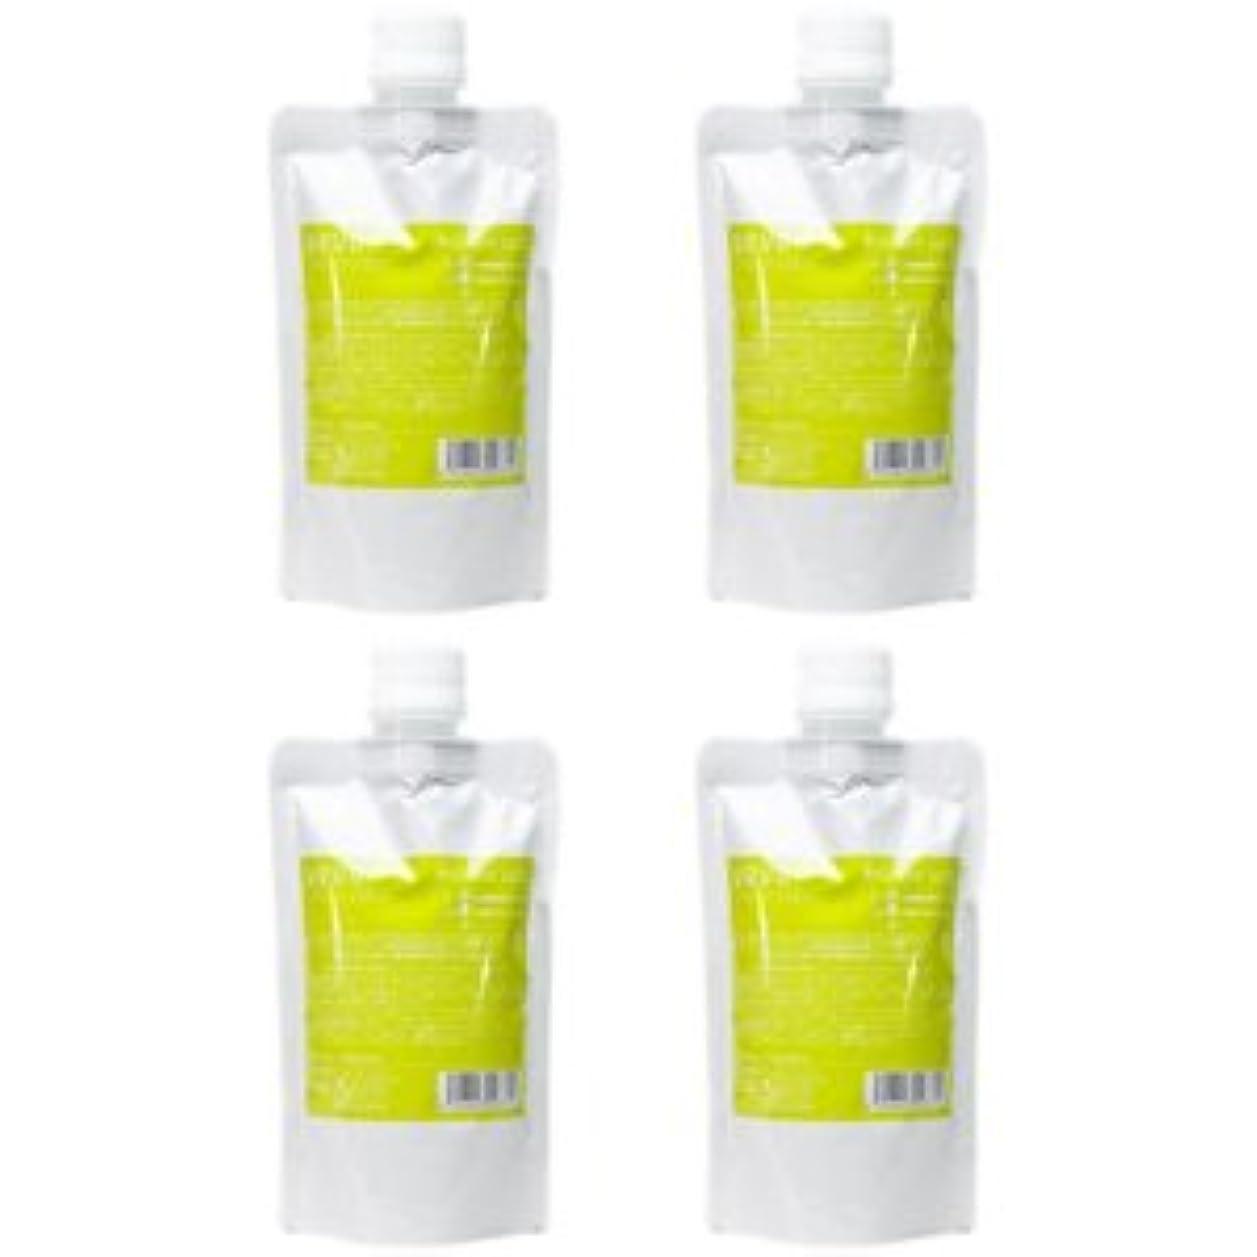 混乱させる花火問い合わせ【X4個セット】 デミ ウェーボ デザインキューブ エアルーズワックス 200g 業務用 airloose wax DEMI uevo design cube